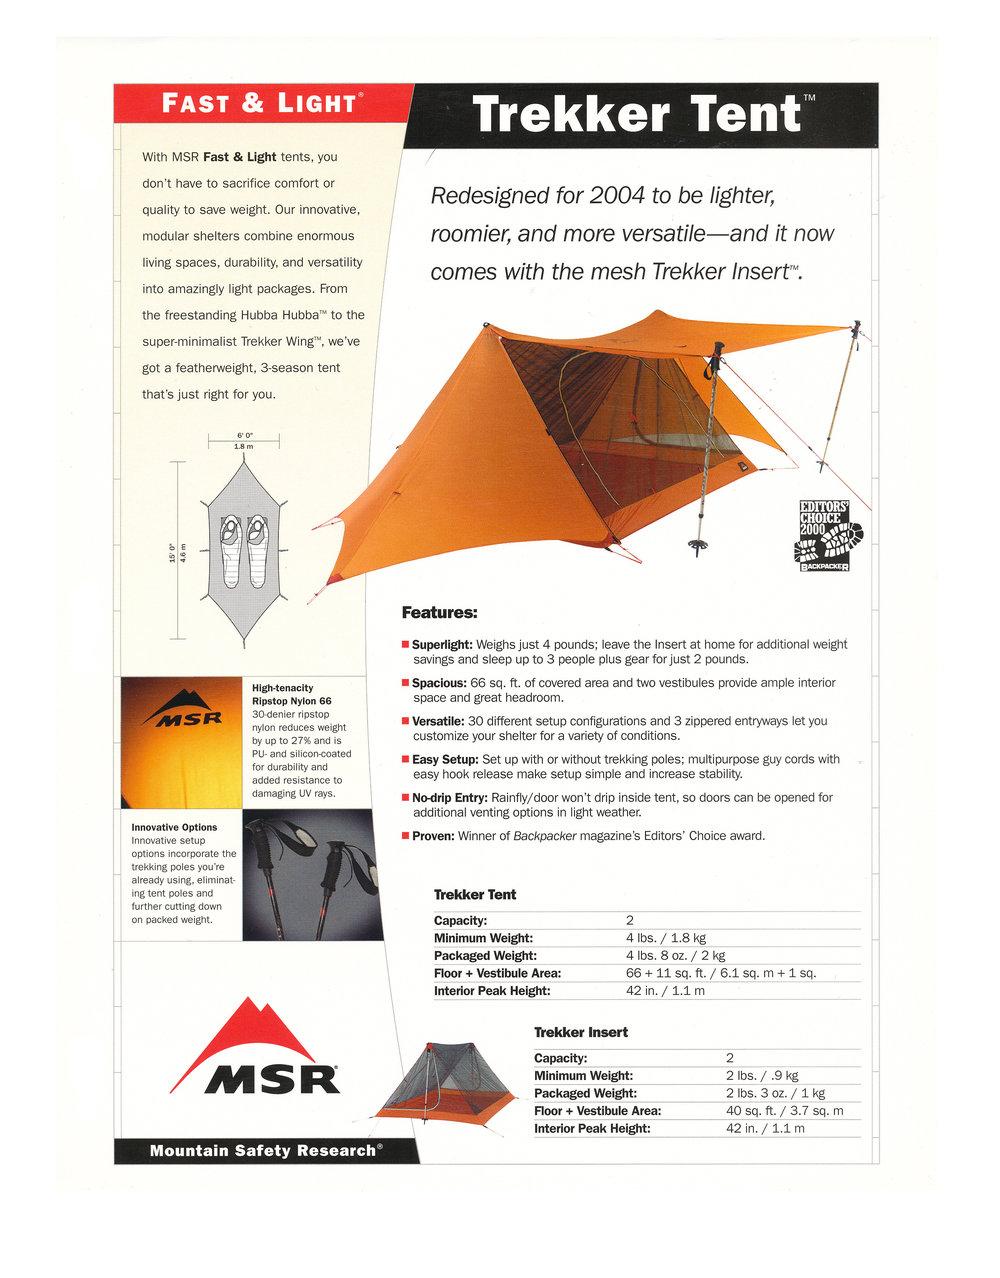 MSR Tents Fu0026L Trekker Tarp.jpg  sc 1 st  jim giblin & 2004 MSR TENTS u2014 JIM GIBLIN